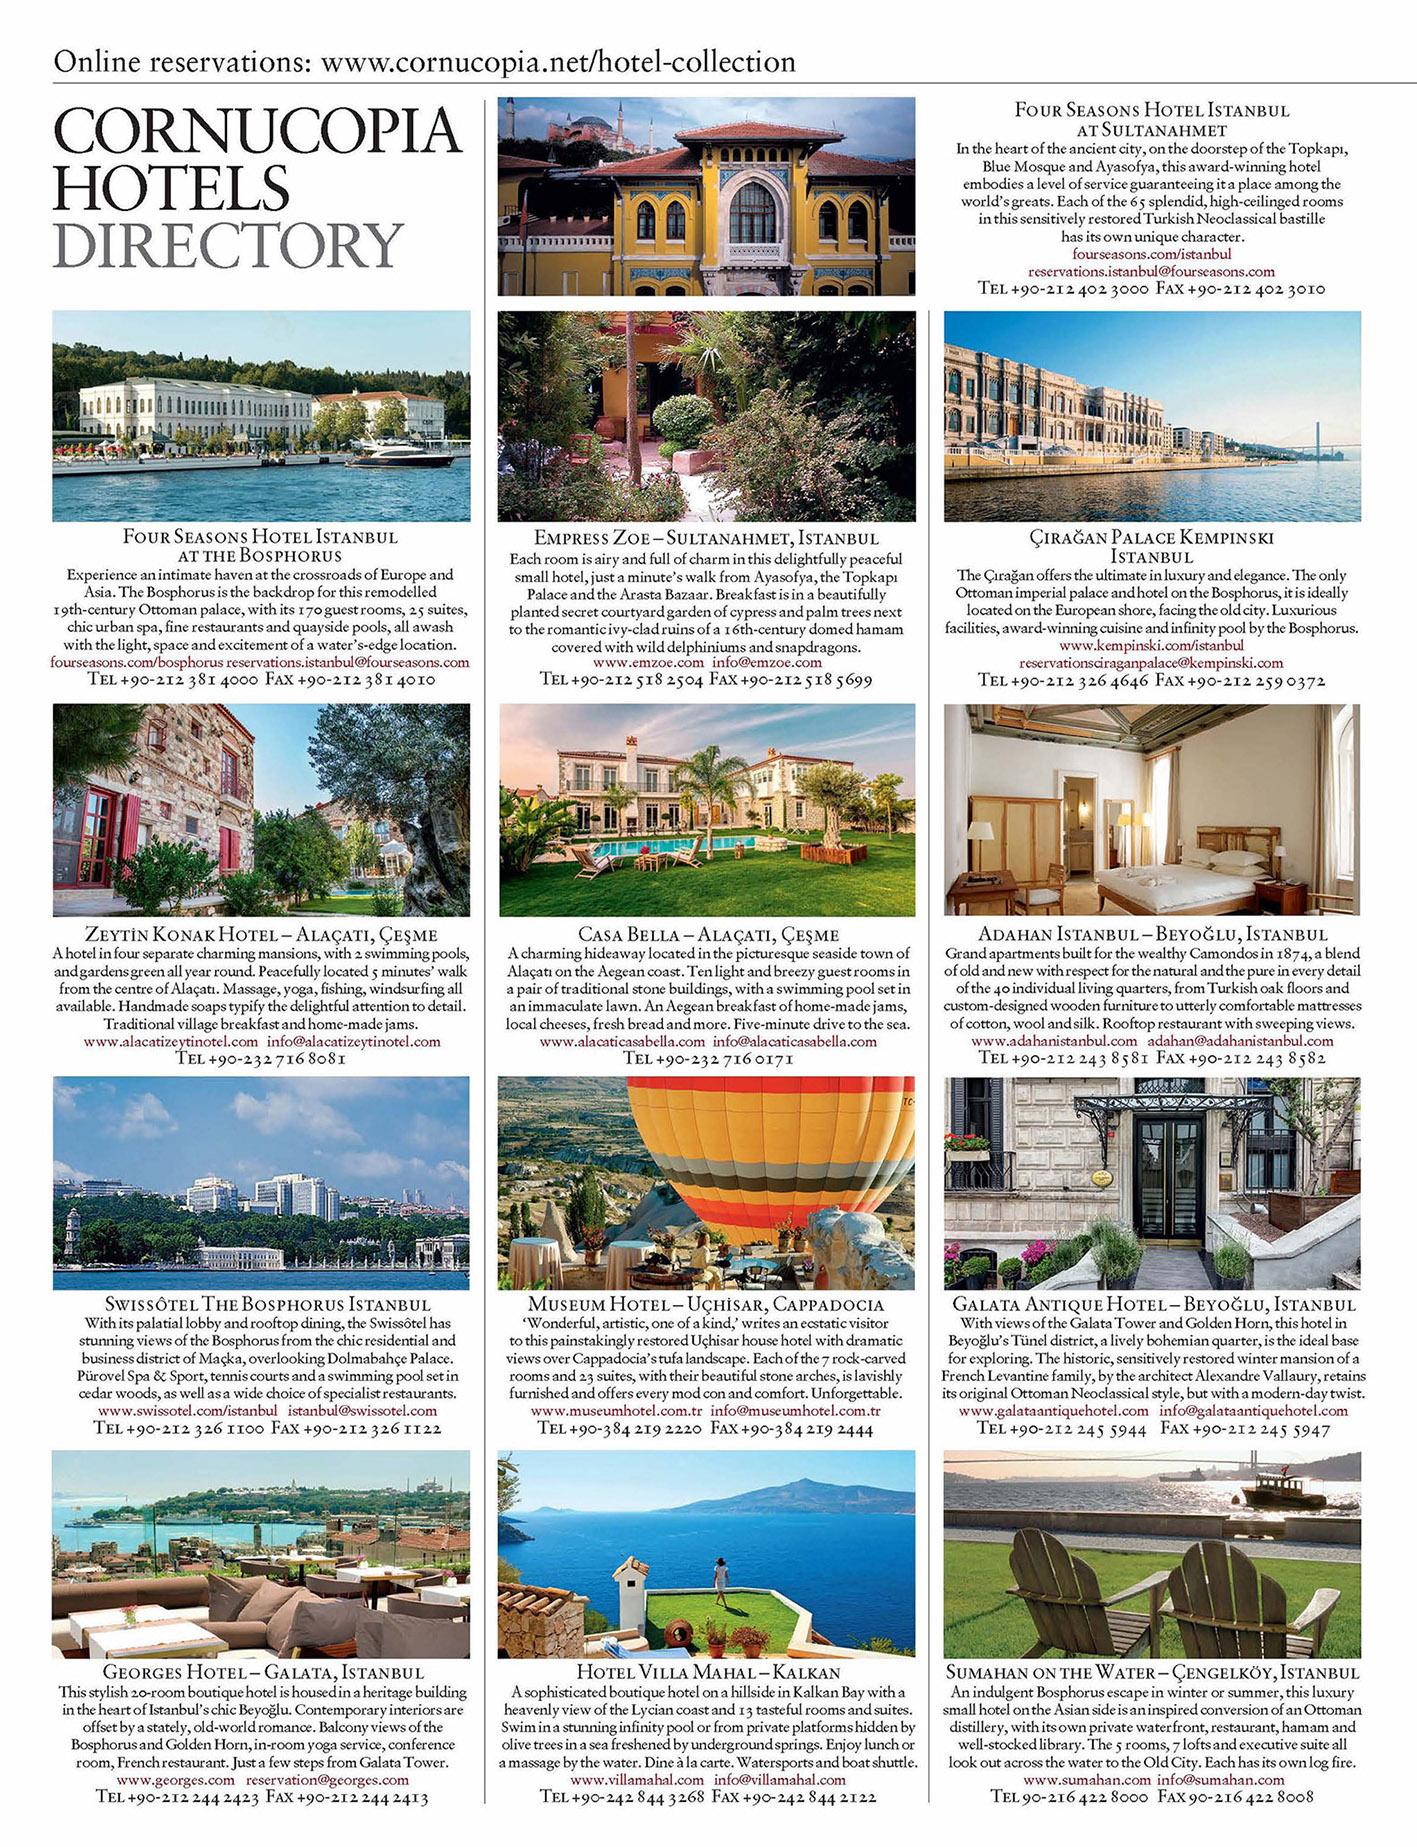 <b>CORNUCOPIA HOTEL DIRECTORY</b><br><br> Print layout